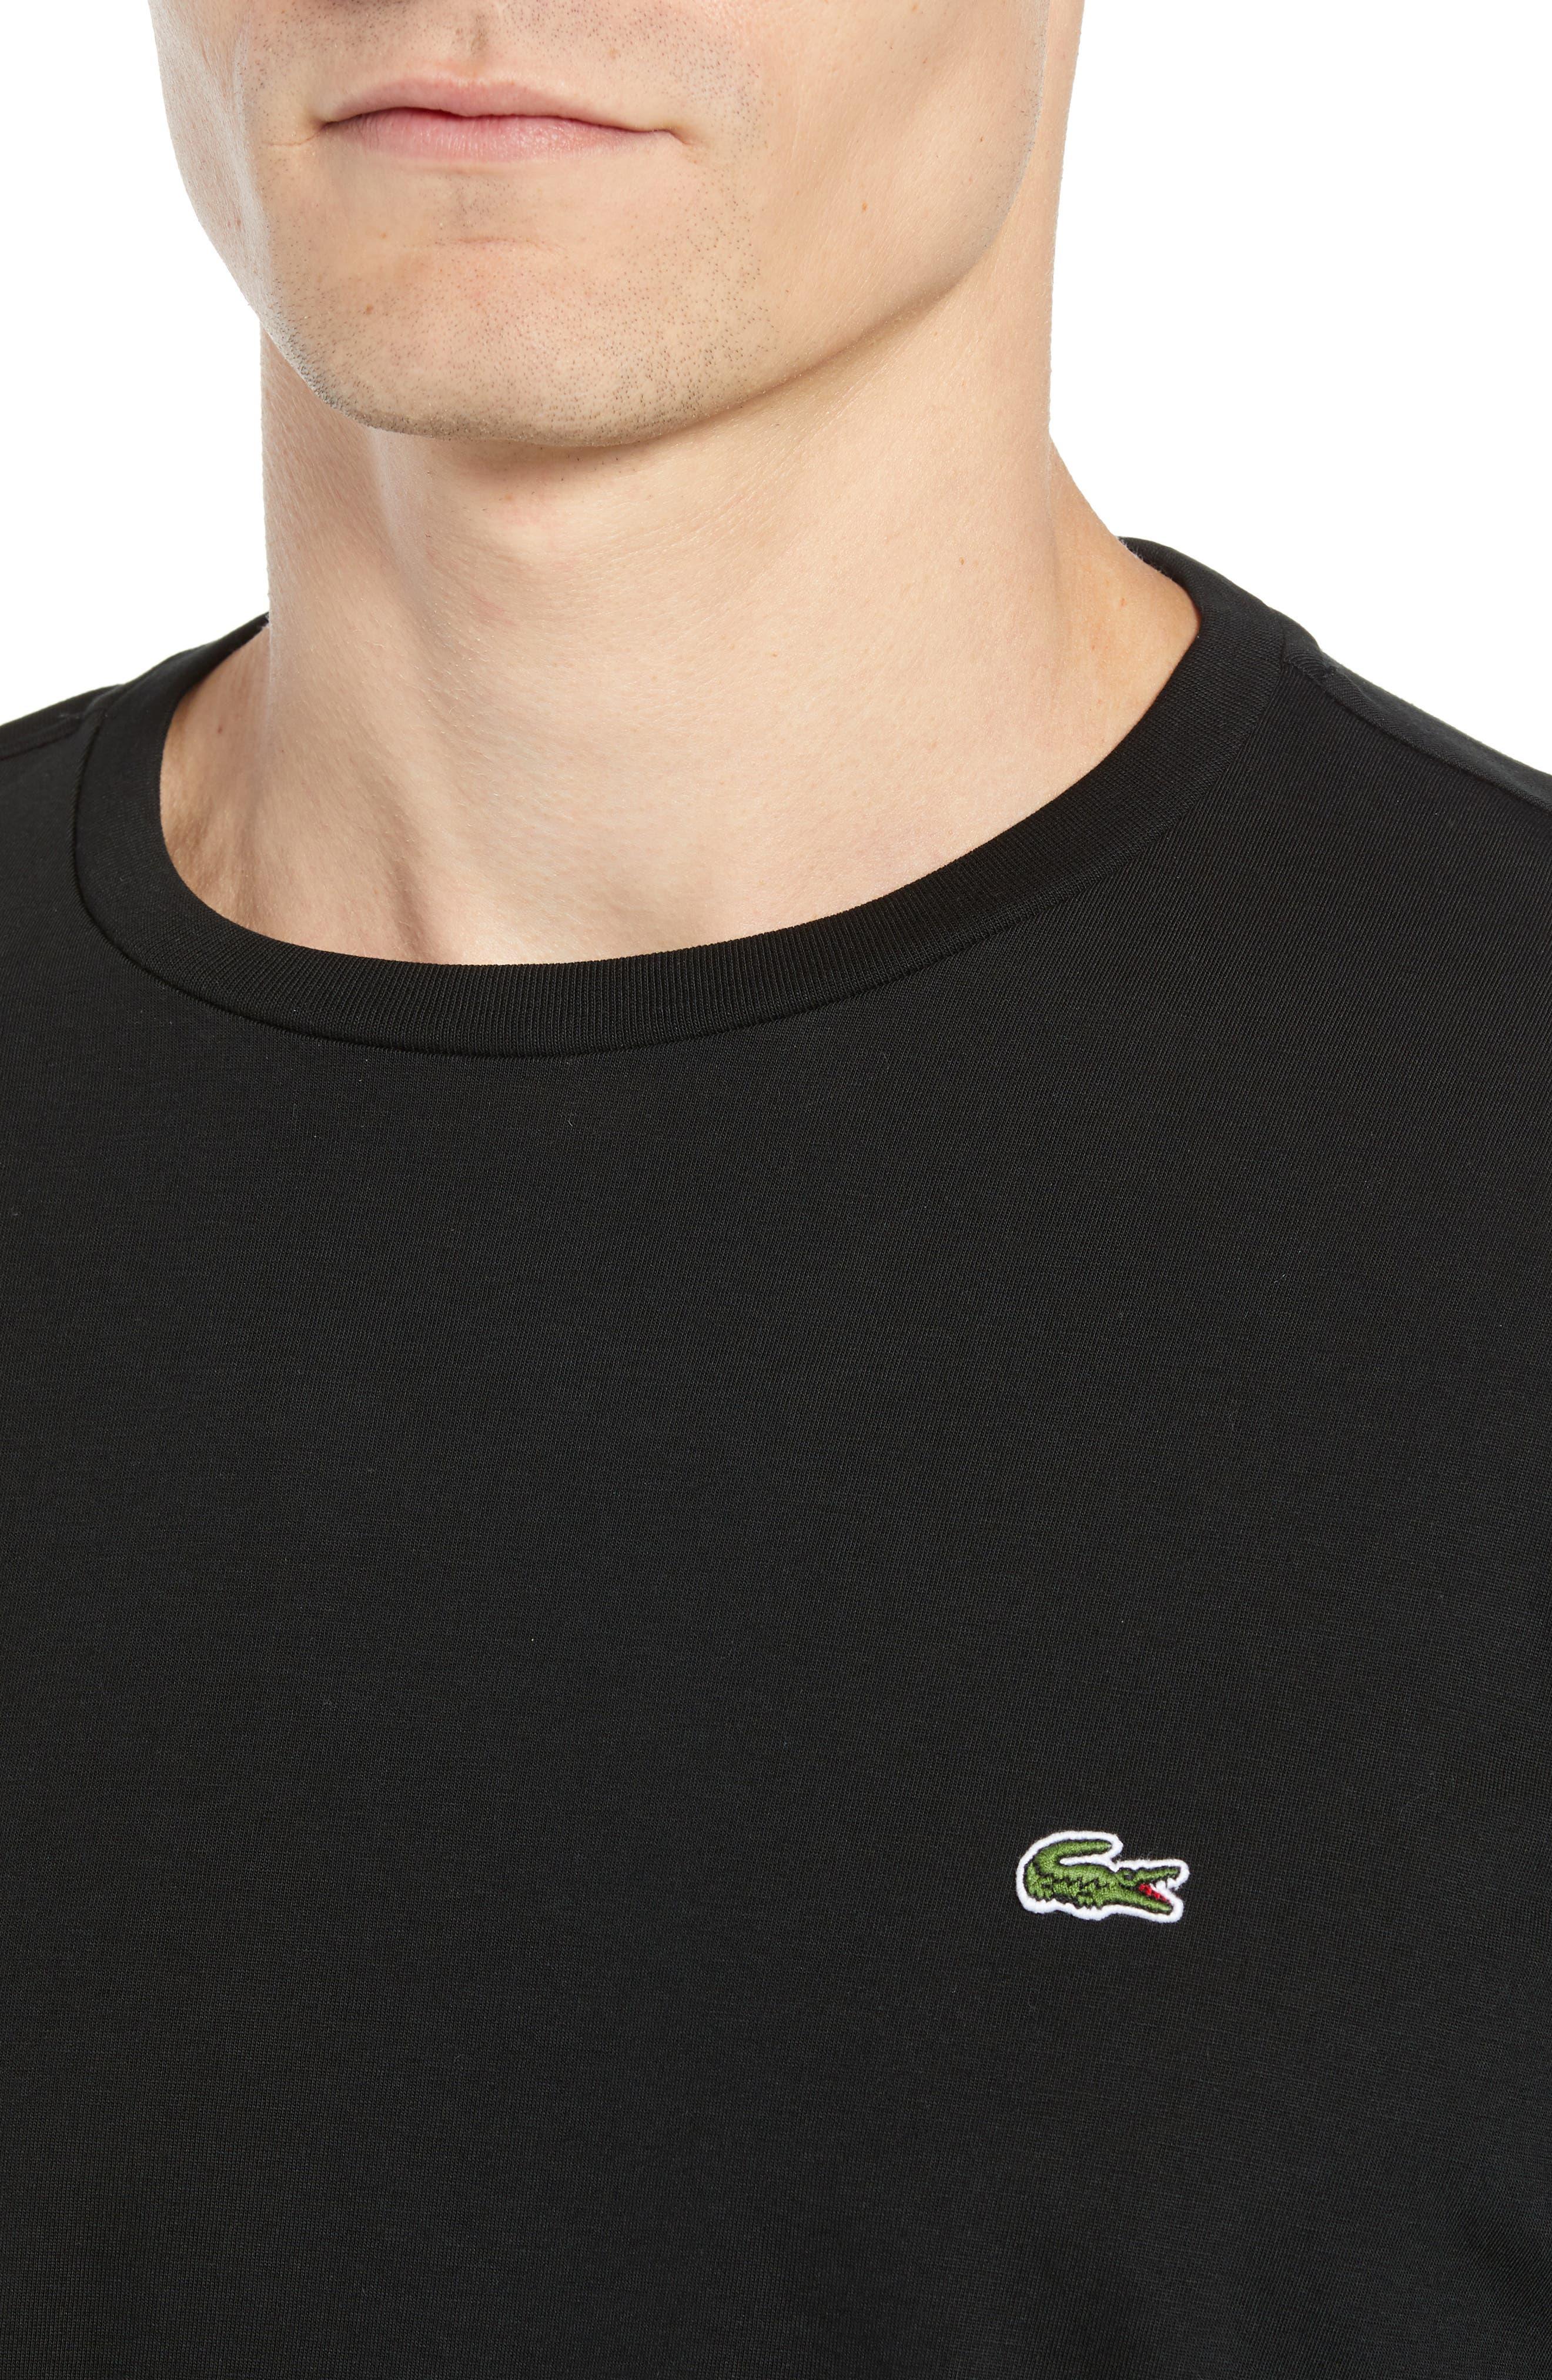 Long Sleeve Pima Cotton T-Shirt,                             Alternate thumbnail 4, color,                             BLACK